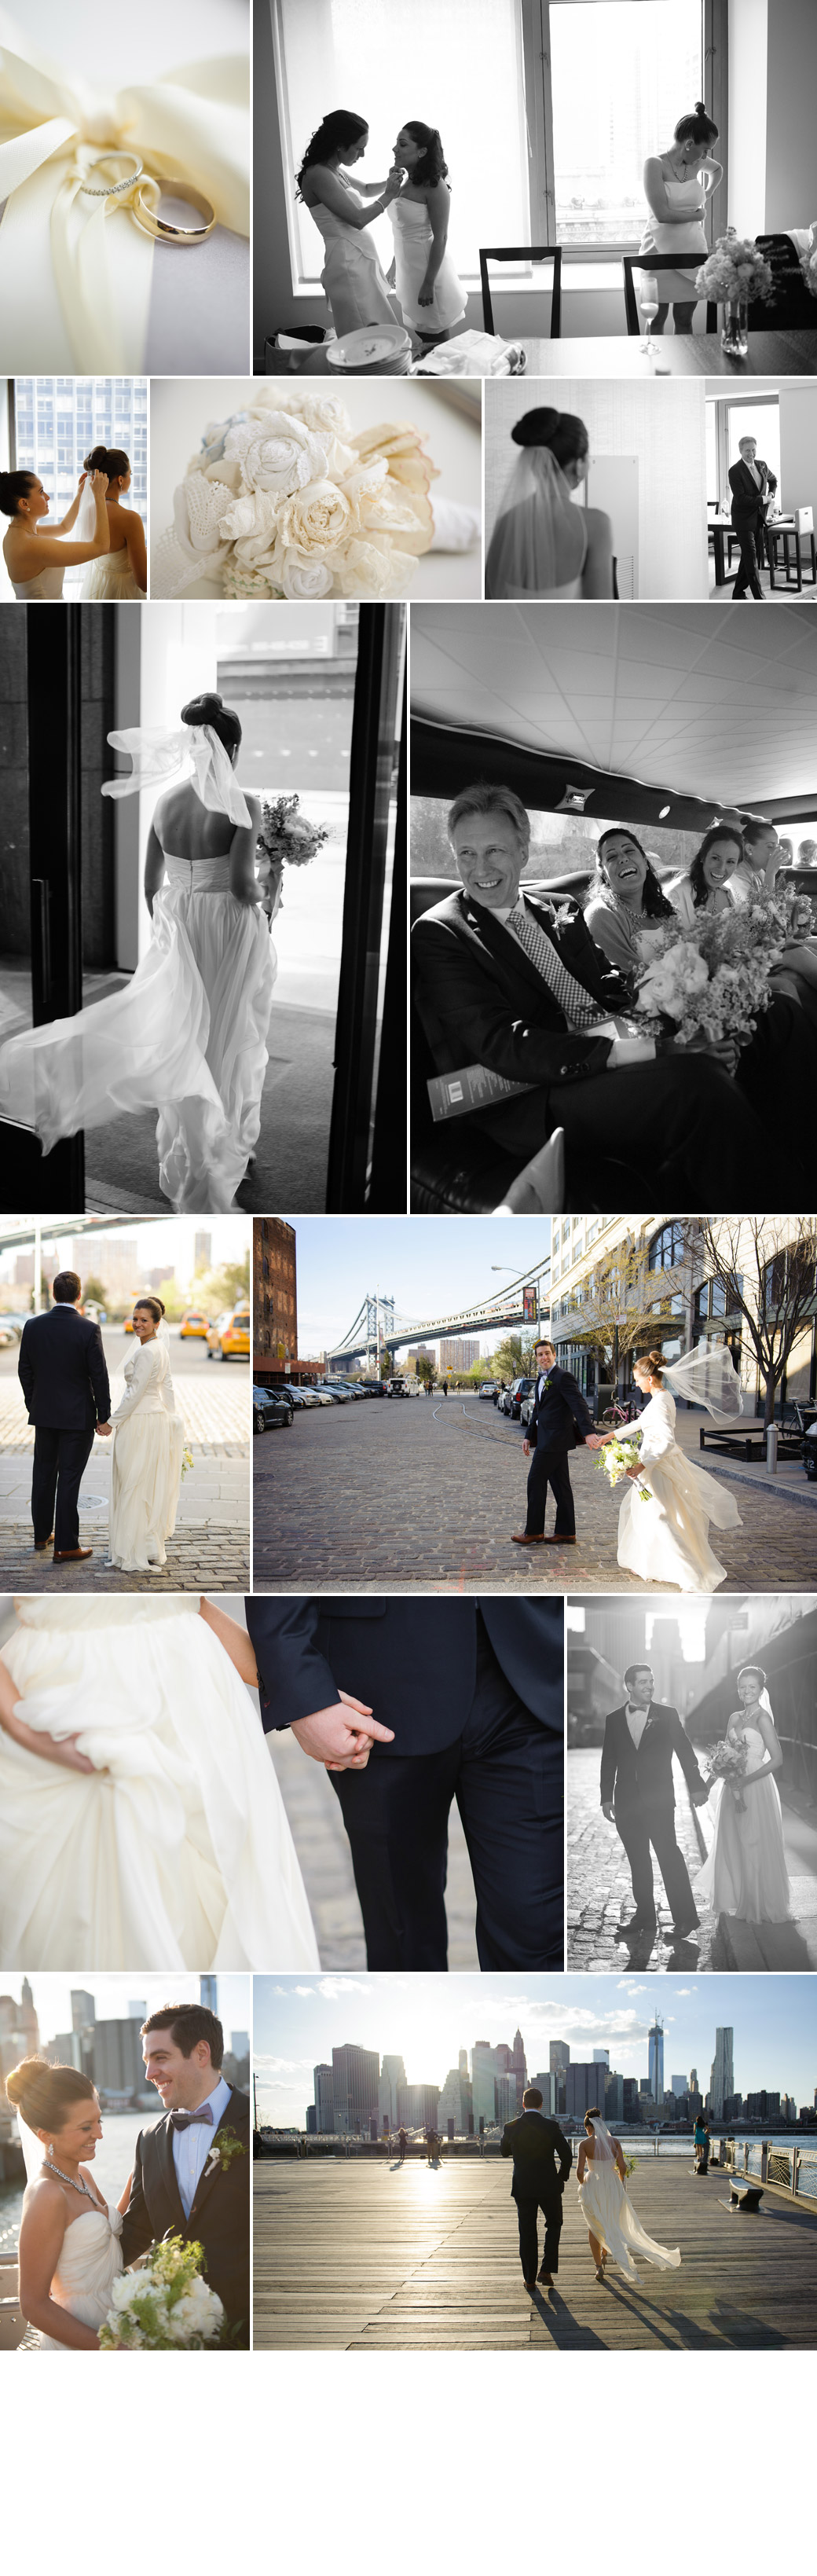 dumbo-wedding-nyc.jpg